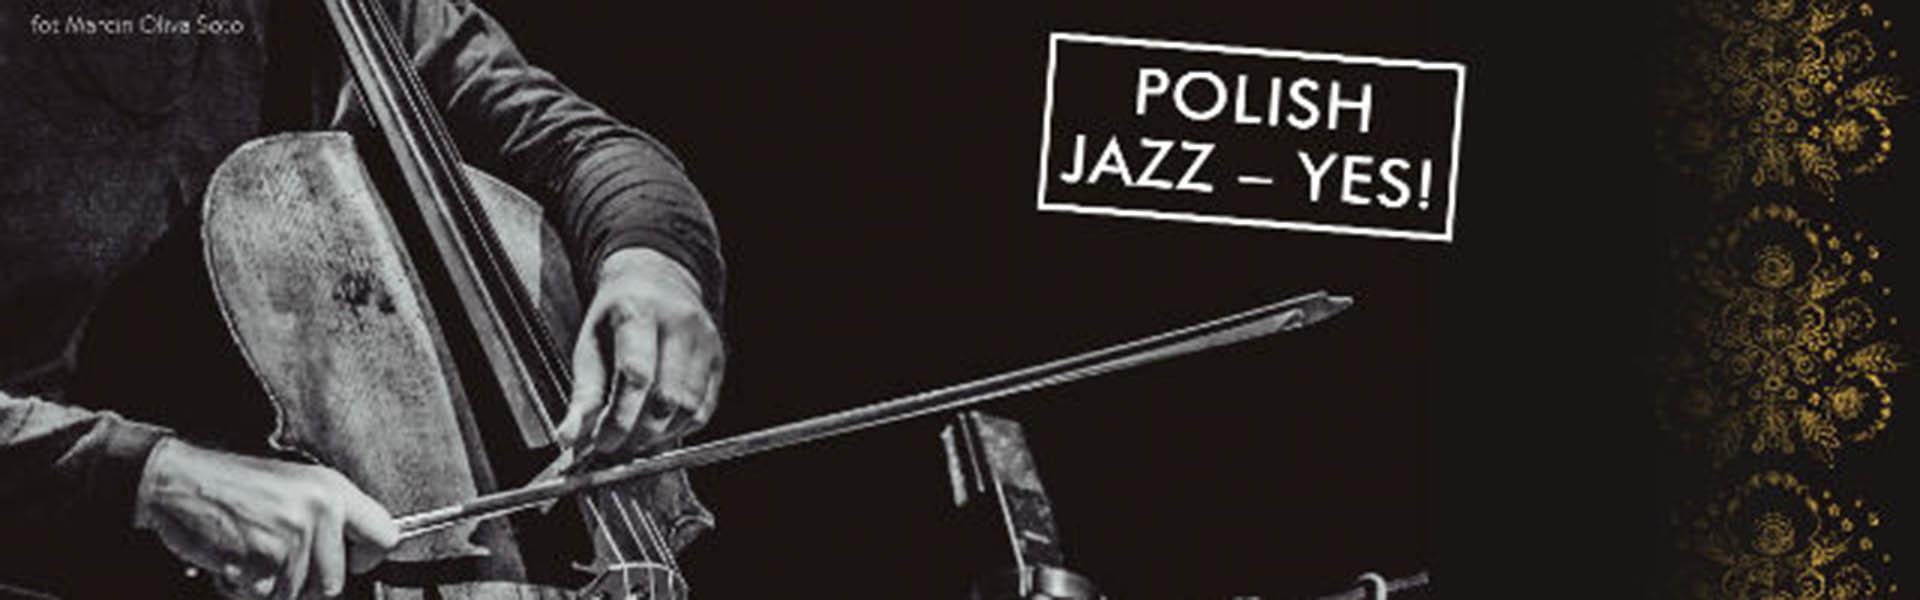 Swiatowy_Dzien_Jazzu_Polskiego_plakat